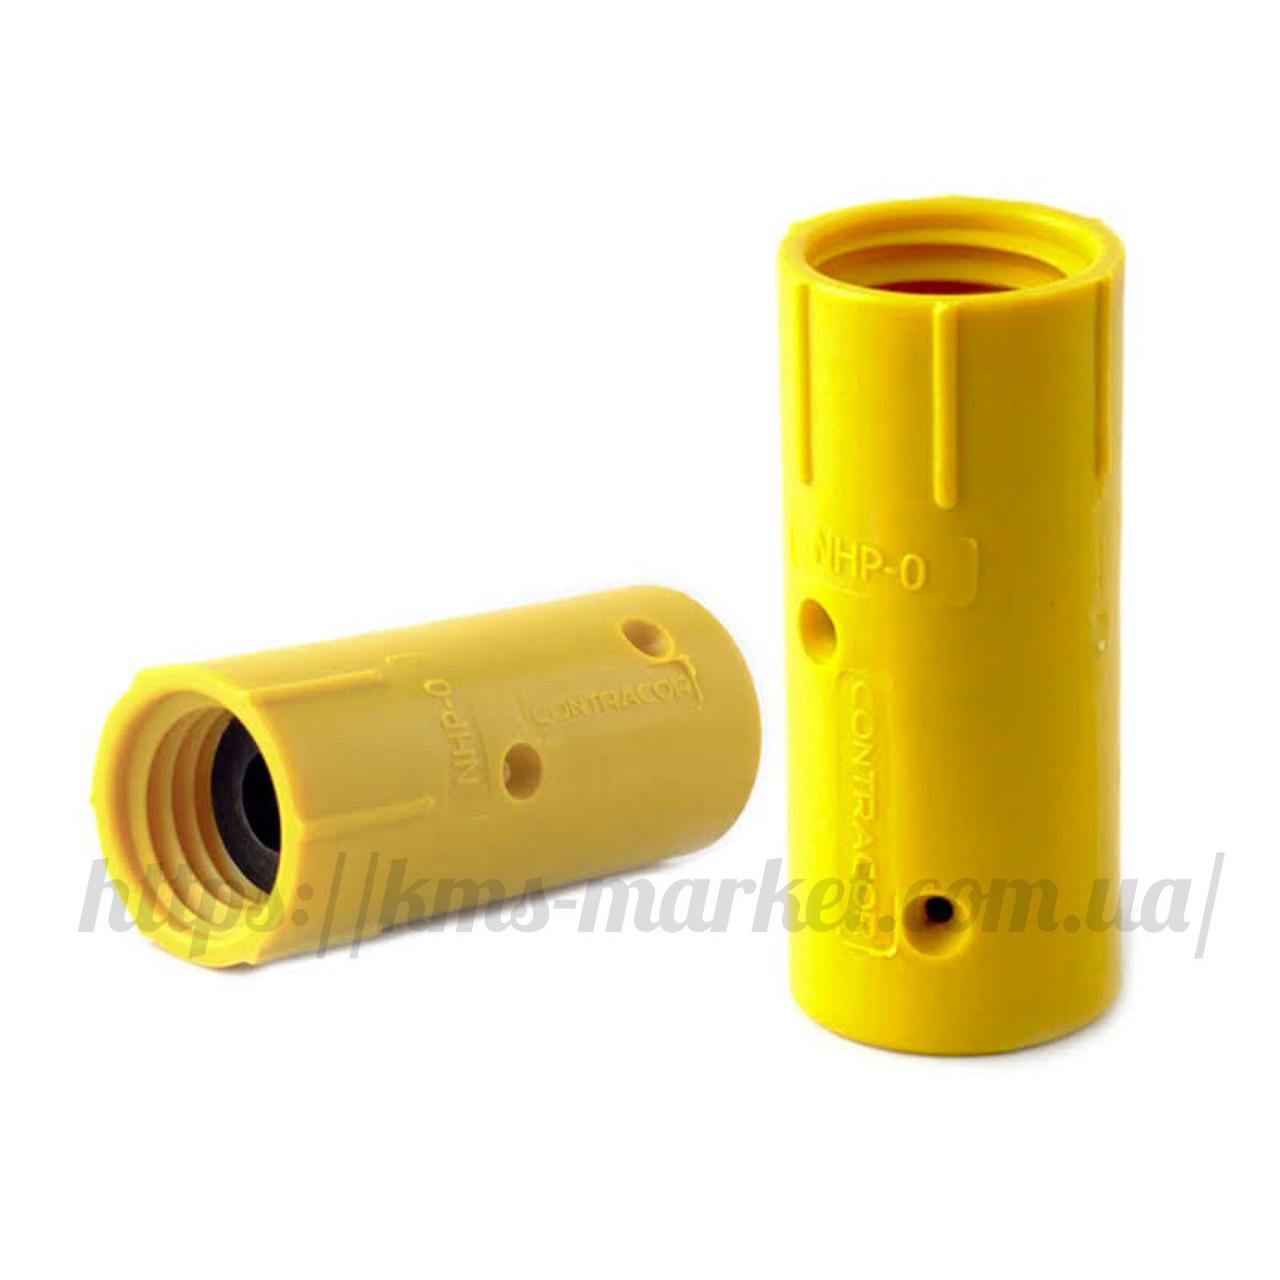 Соплодержатель Contracor NHP-0 для рукава Ø13 x 27 mm